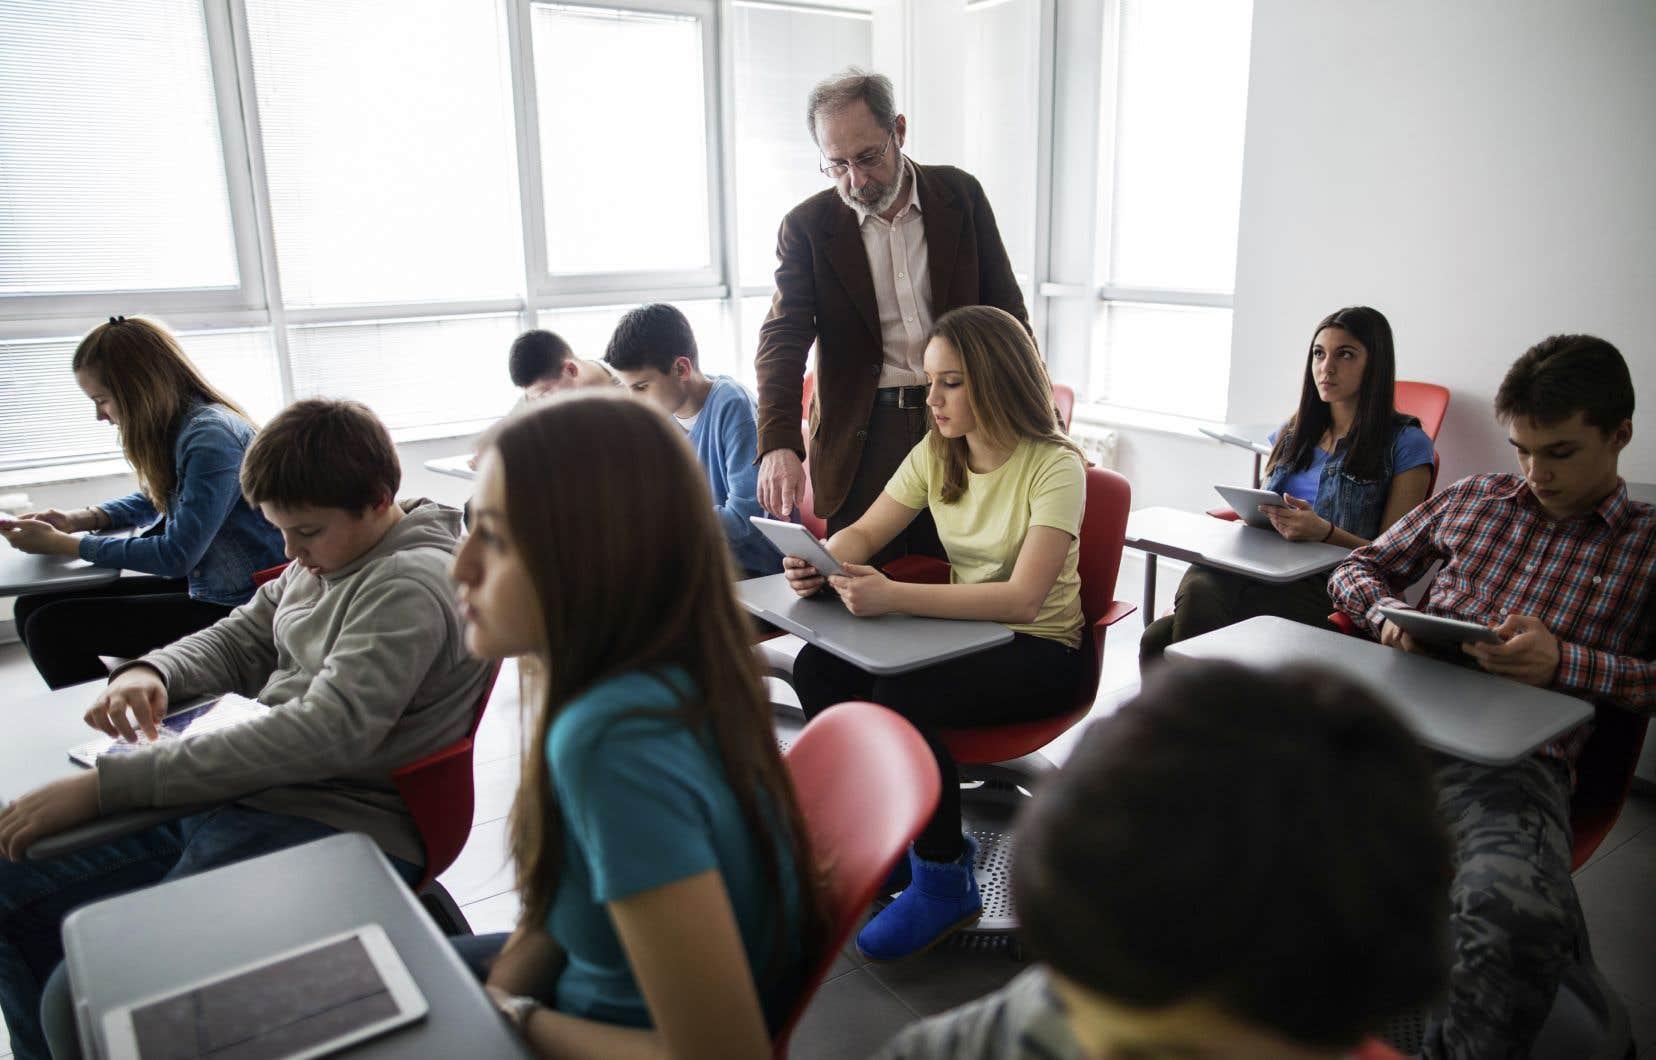 La difficulté de la tâche d'enseignant, et la fatigue qui en découle, en amène plusieurs à prendre congé de l'école, à se tourner vers le privé ou tout simplement à partir, déplorent les auteurs.